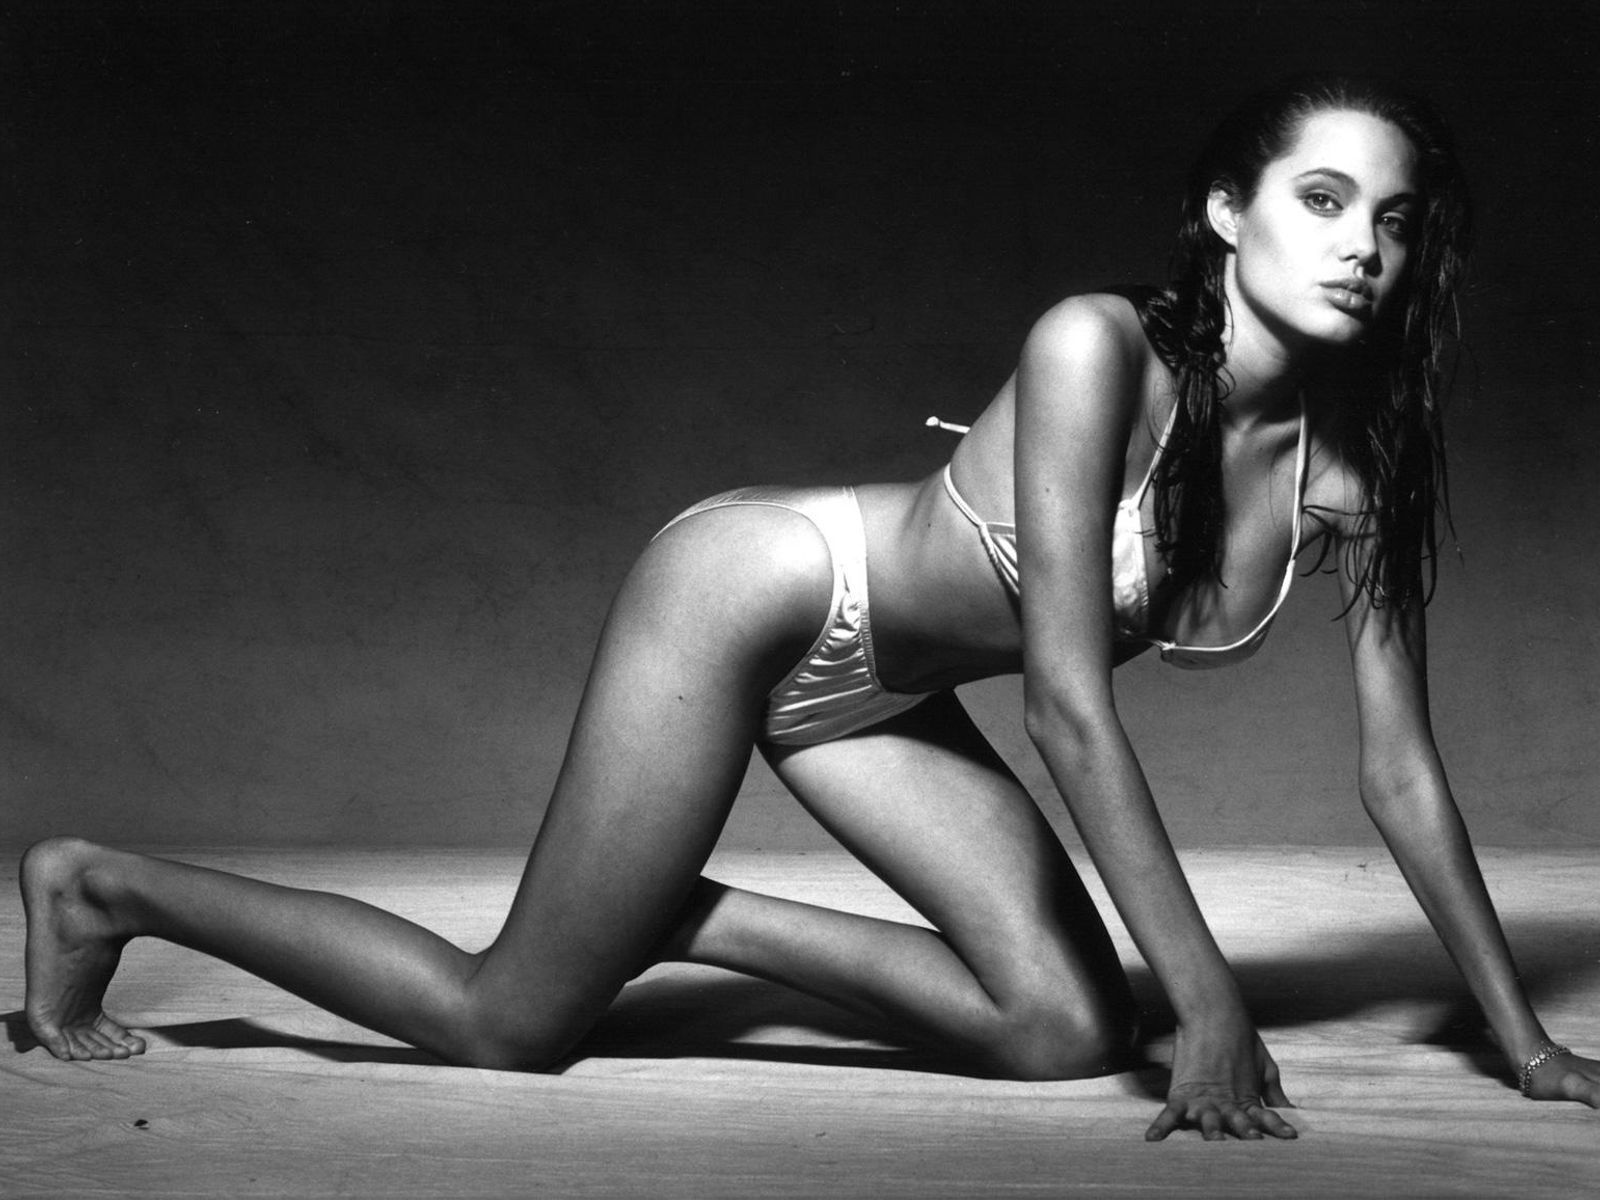 Angelina Jolie Hot And Sexy Pics angelina-jolie-bikini-hot-pics | angelina jolie photos